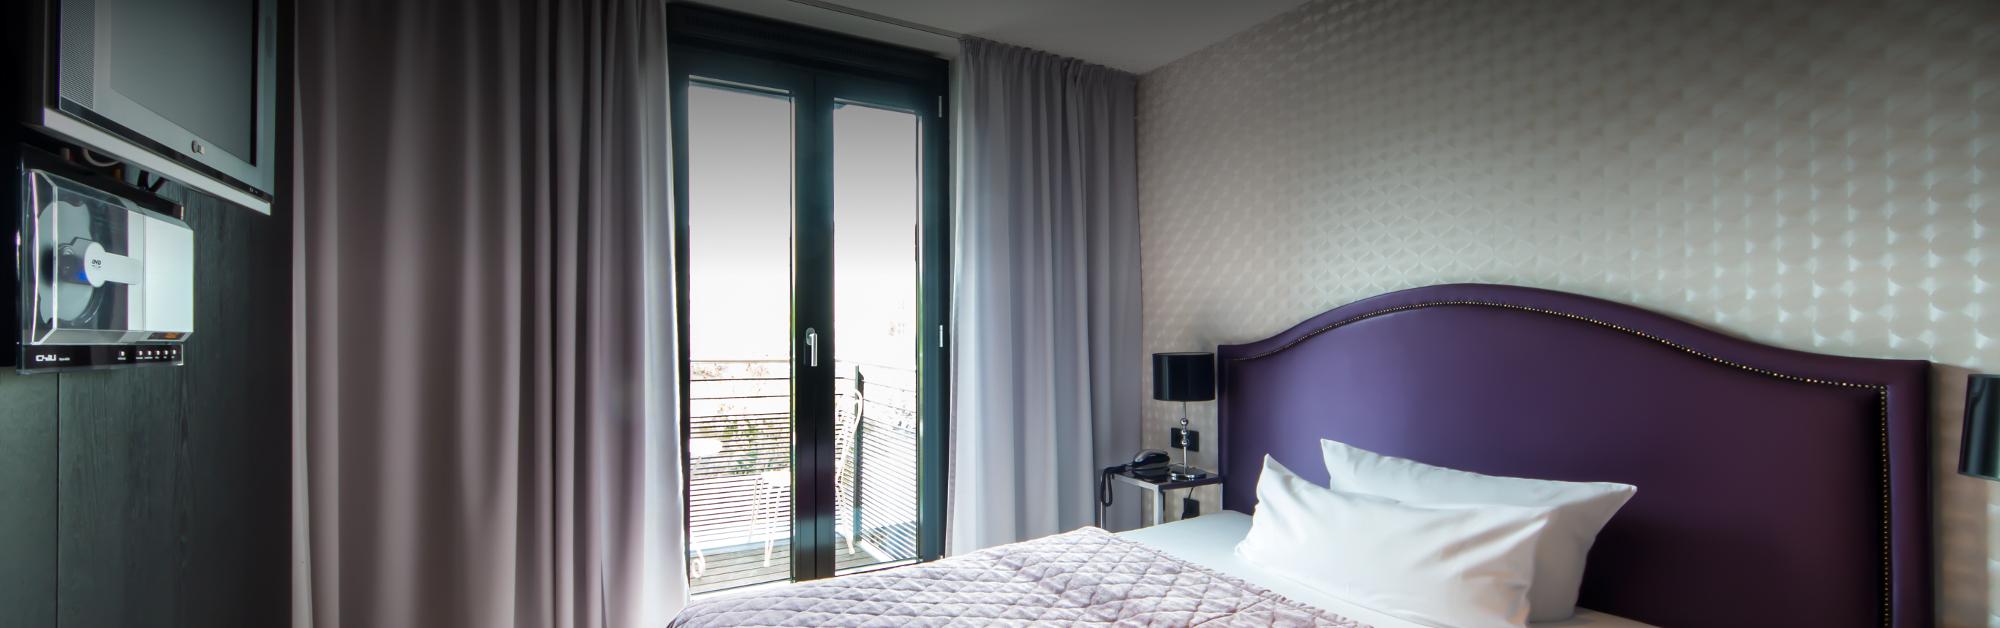 rooms-002.jpg